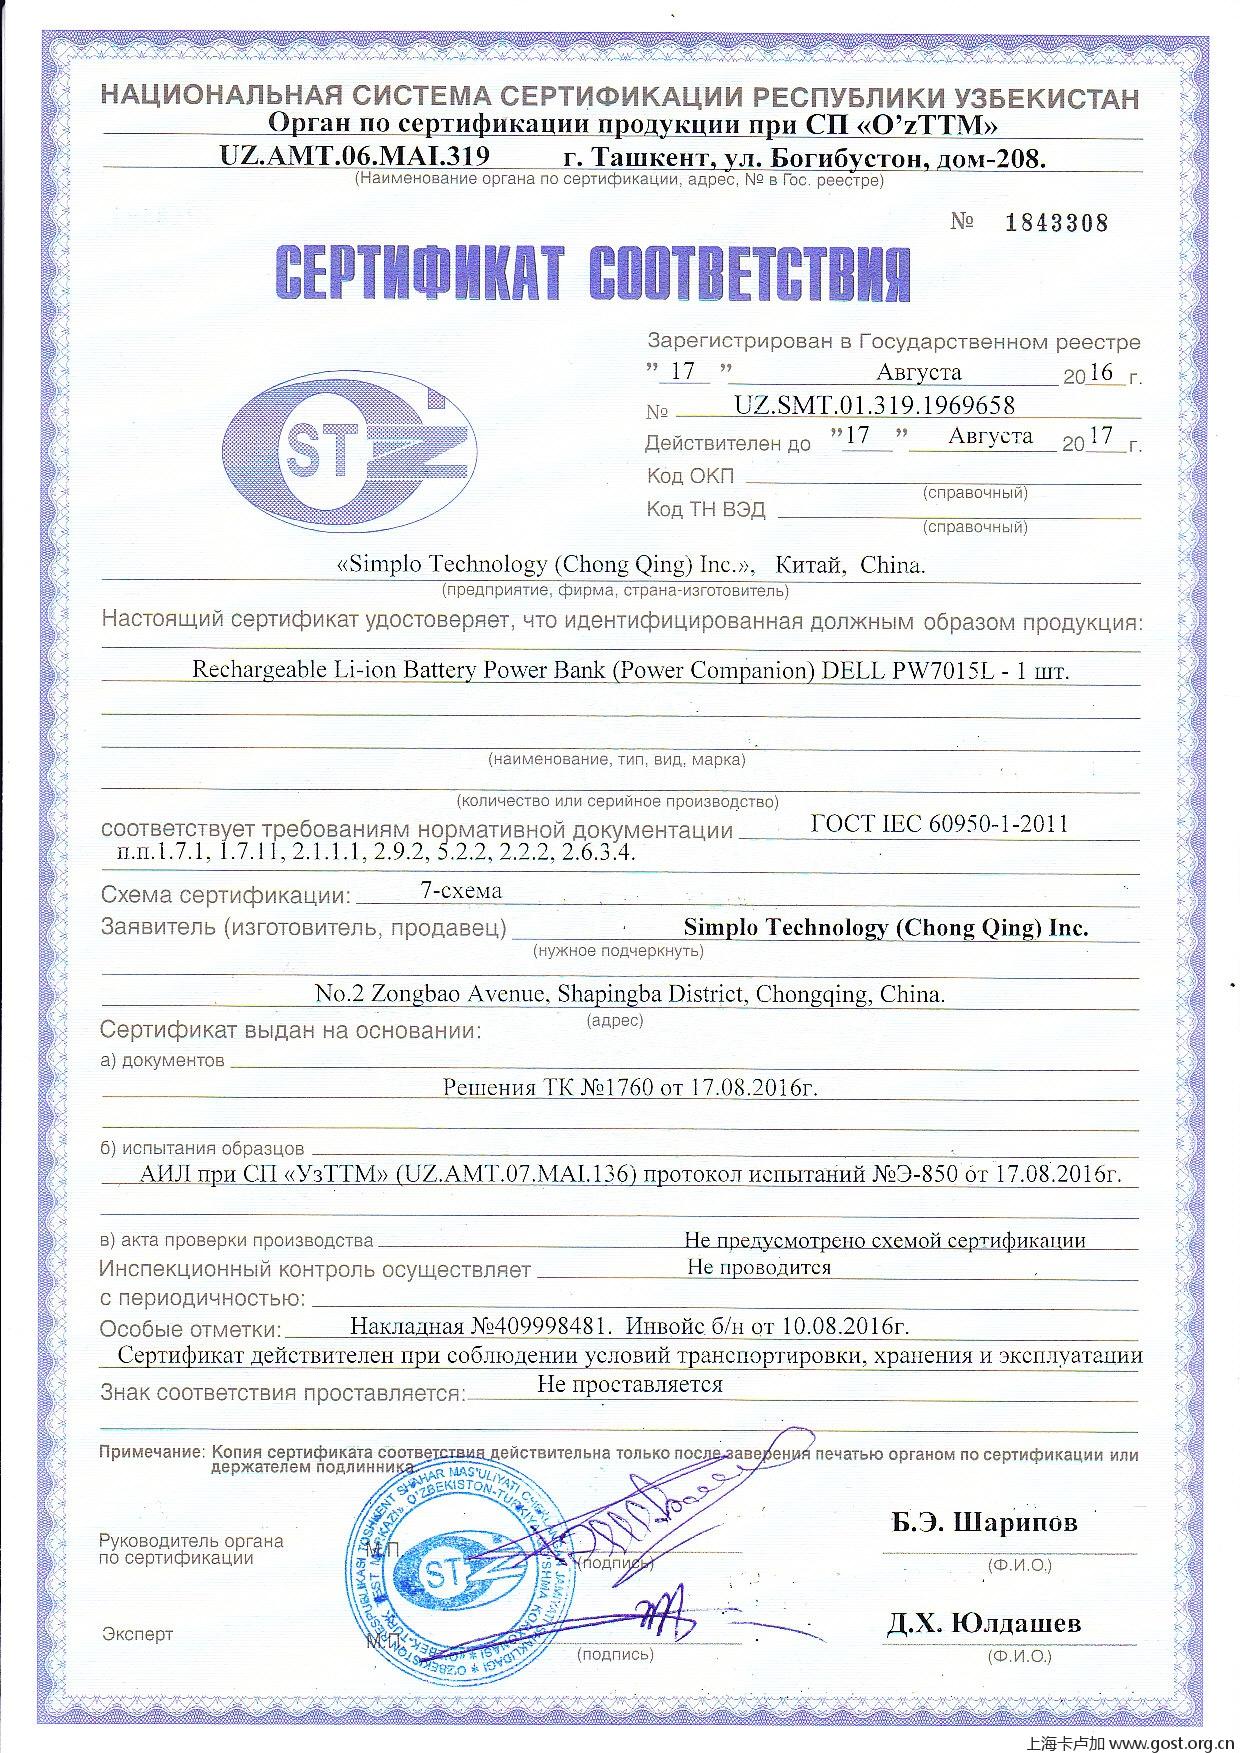 乌兹别克斯坦认证(GOST-UZB)乌兹别克OC认证,乌兹别克斯坦产品认证GOST-UZ